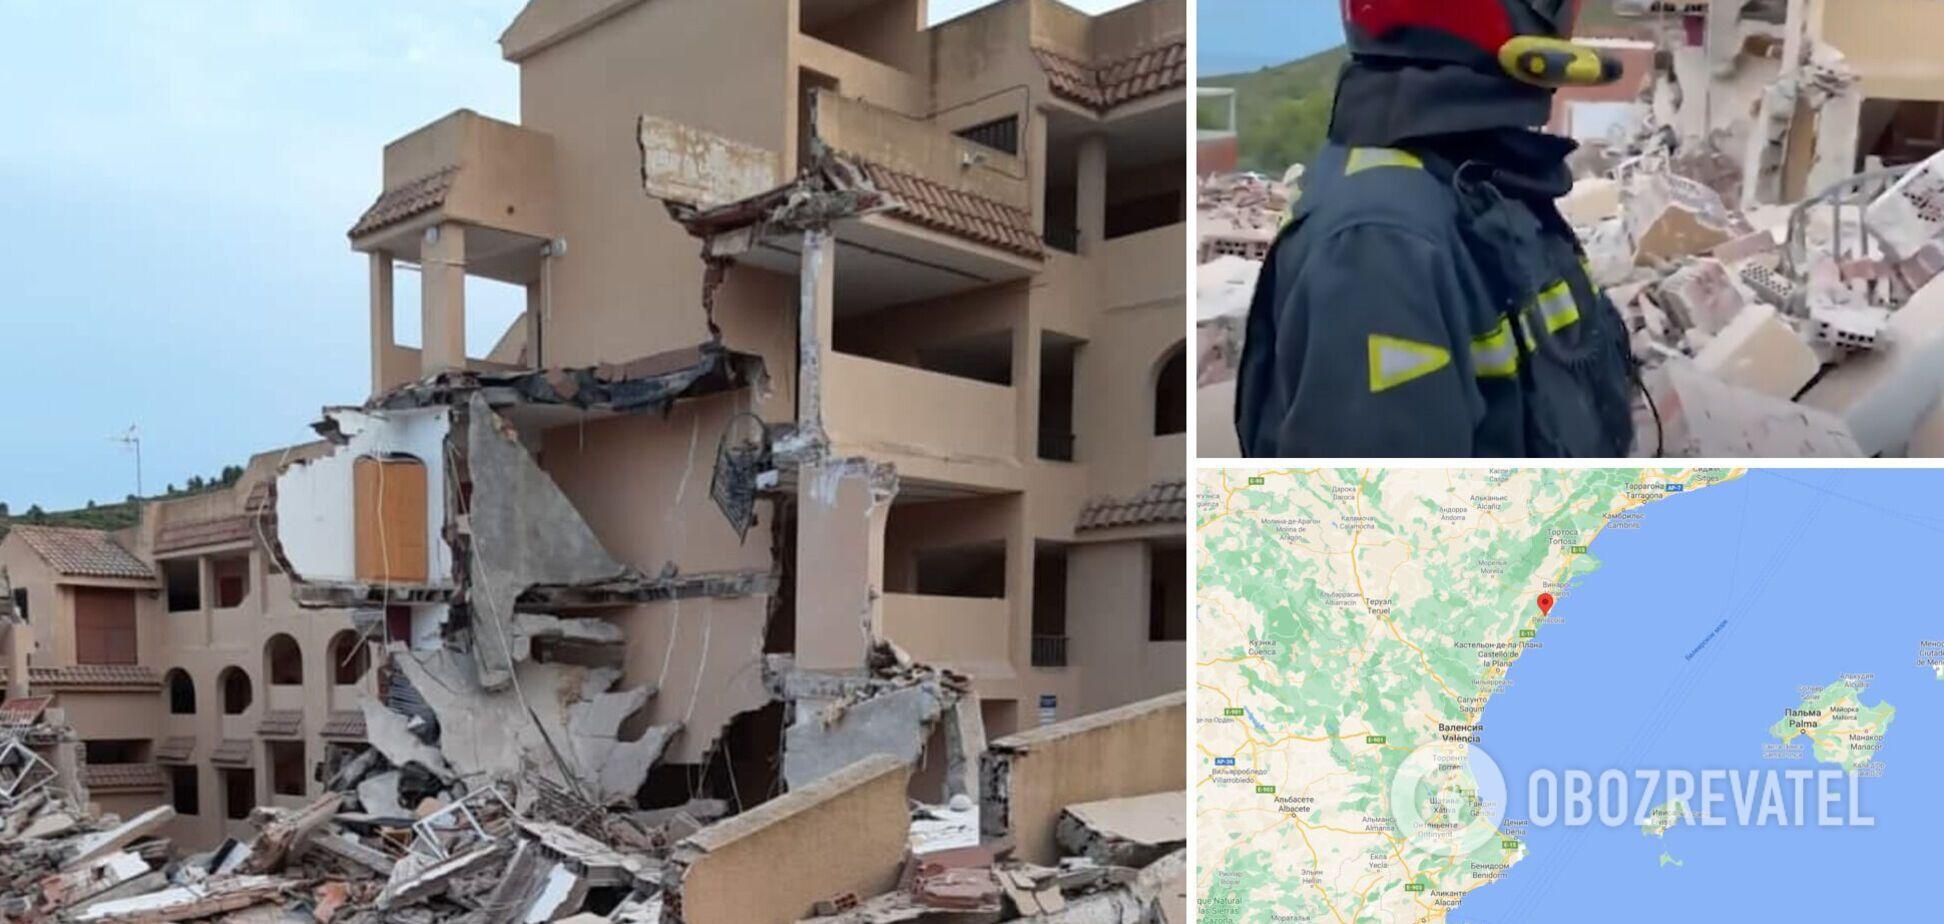 В Іспанії обвалився триповерховий житловий будинок, під завалами загинув підліток. Фото, відео та всі деталі трагедії